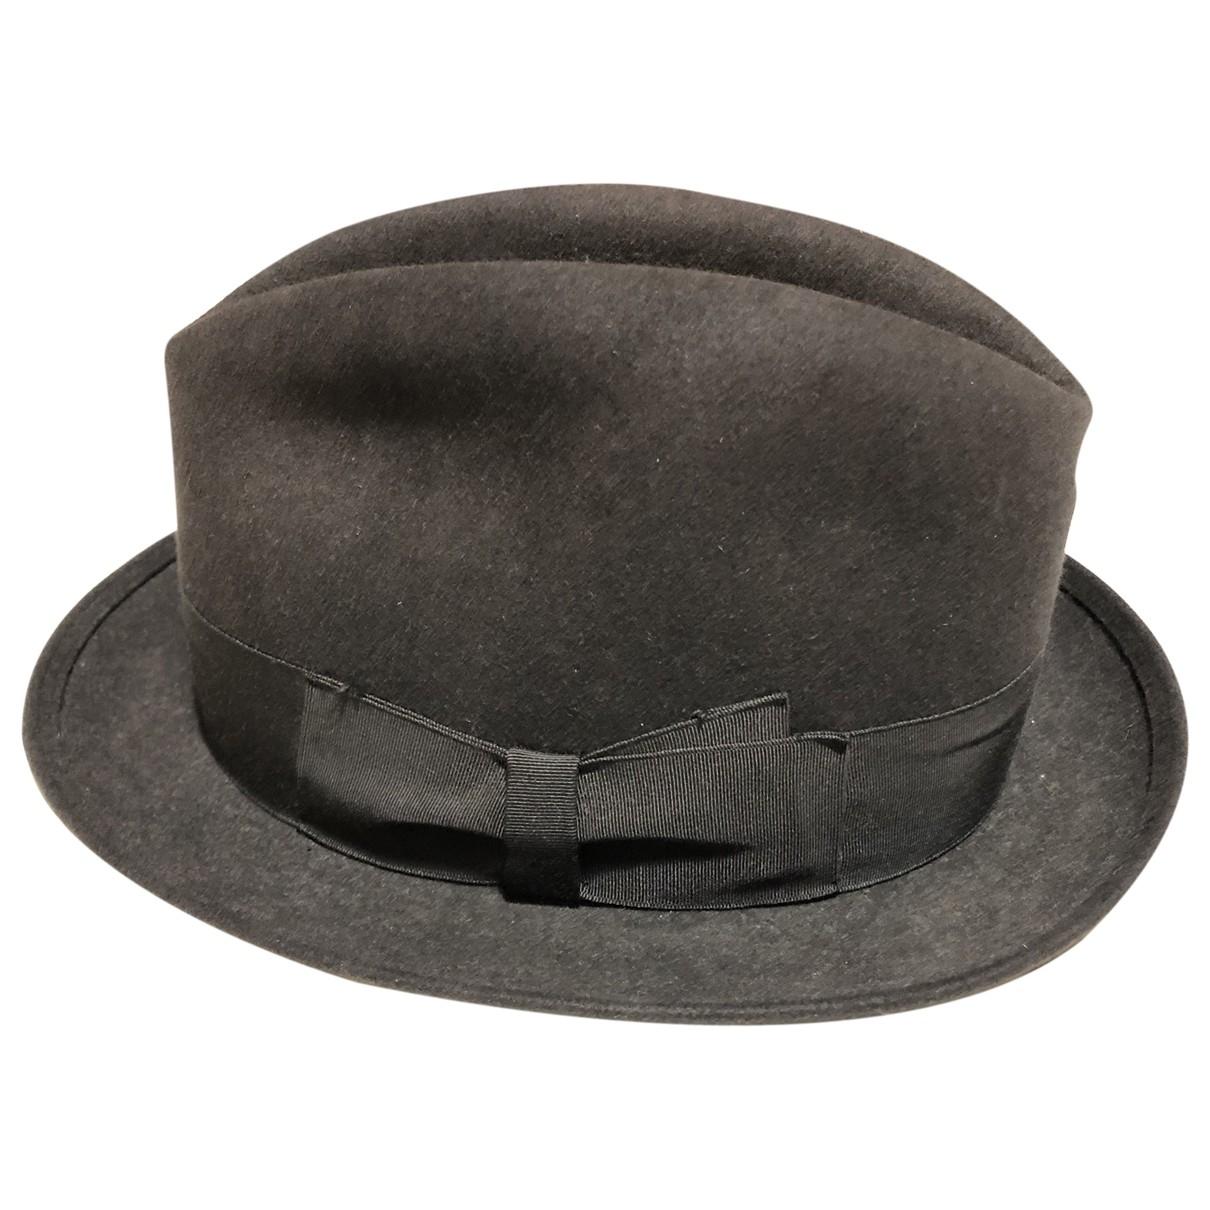 Borsalino - Chapeau & Bonnets   pour homme en laine - anthracite